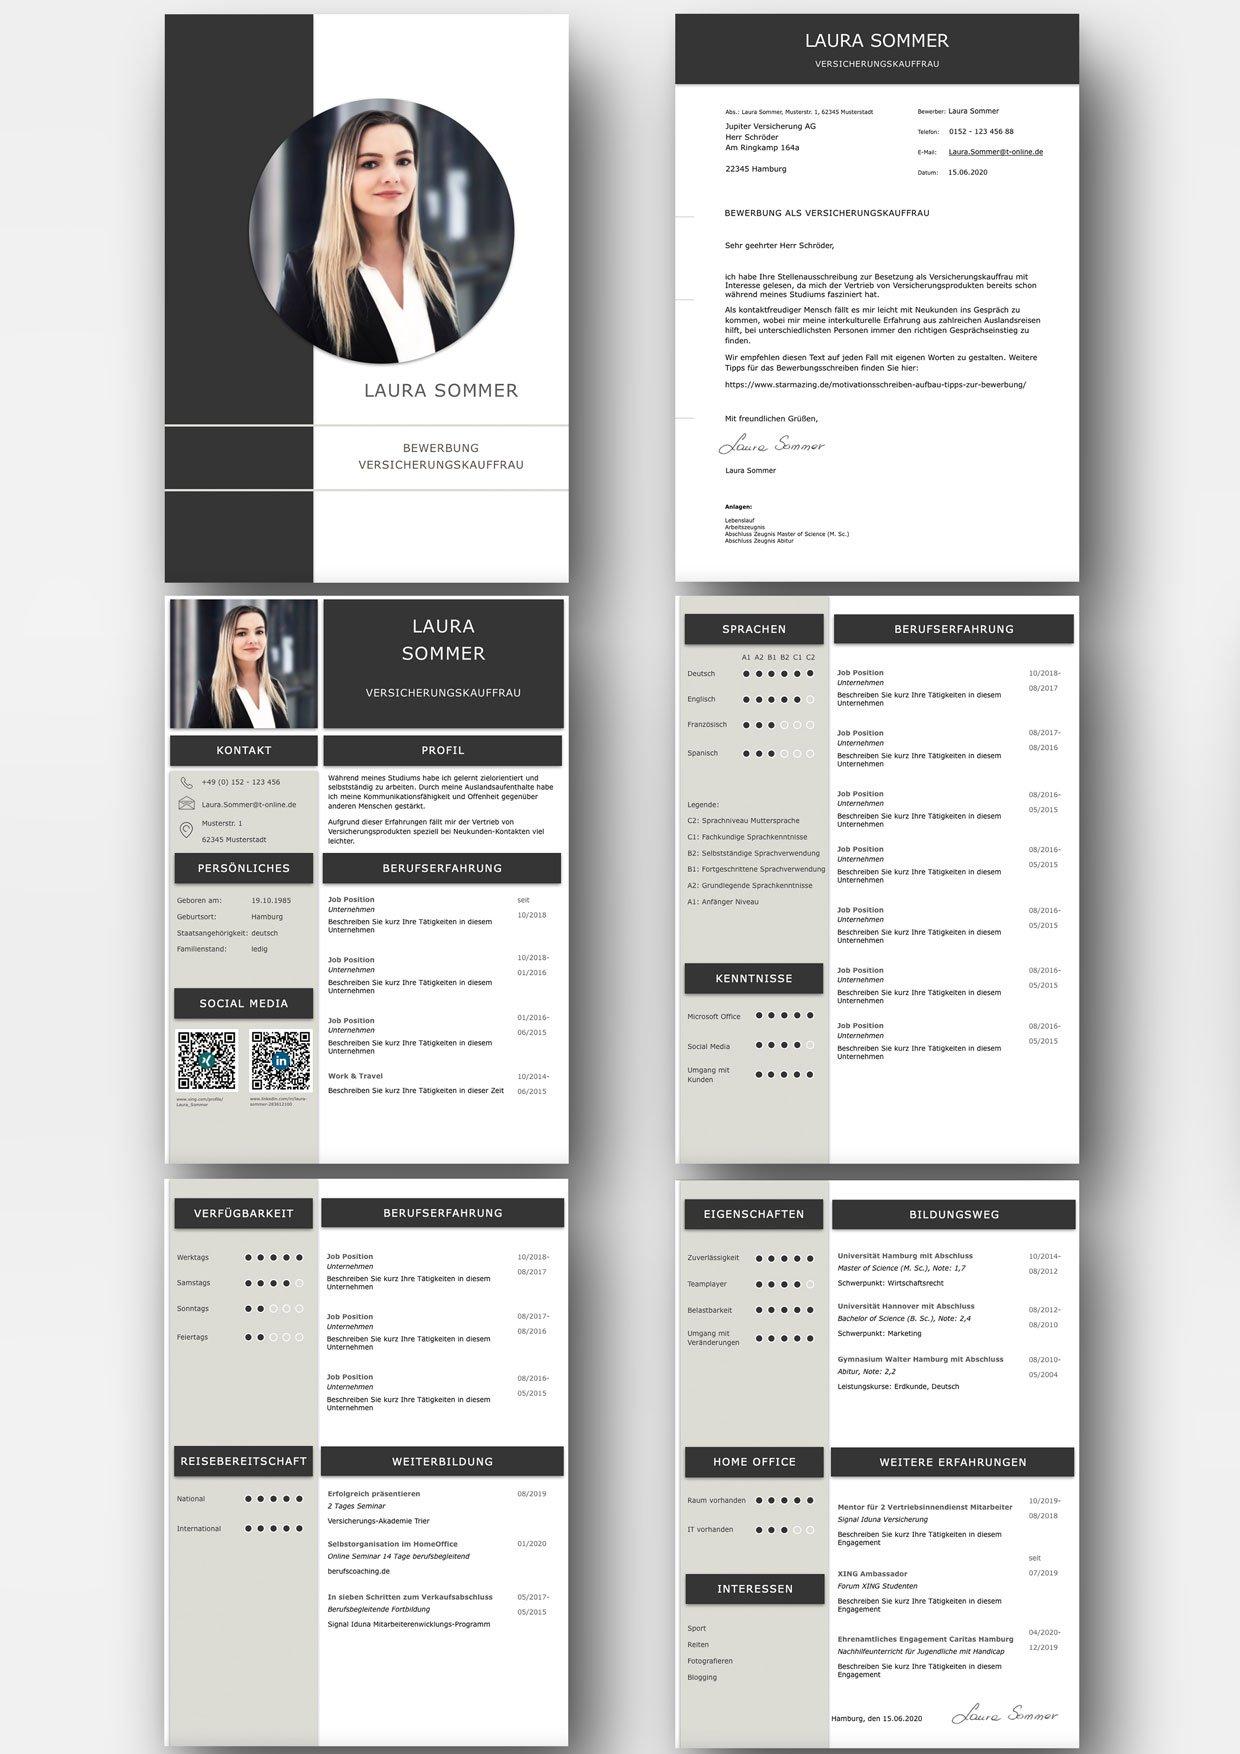 Diese Bewerbungsvorlage ist modern strukturiert und signalisiert: Wer sich so präsentiert, verkauft auch sein künftiges Unternehmen erstklassig. Das sehen Personaler sofort. 4 Seiten als Download für Word und Pages. Enthält ein Deckblatt, Bewerbungsanschreiben, Lebenslauf mit Profil, CV Folgeseite, Ausbildung + weitere Erfahrung. Optimiert für Ausdruck und PDF-Export.